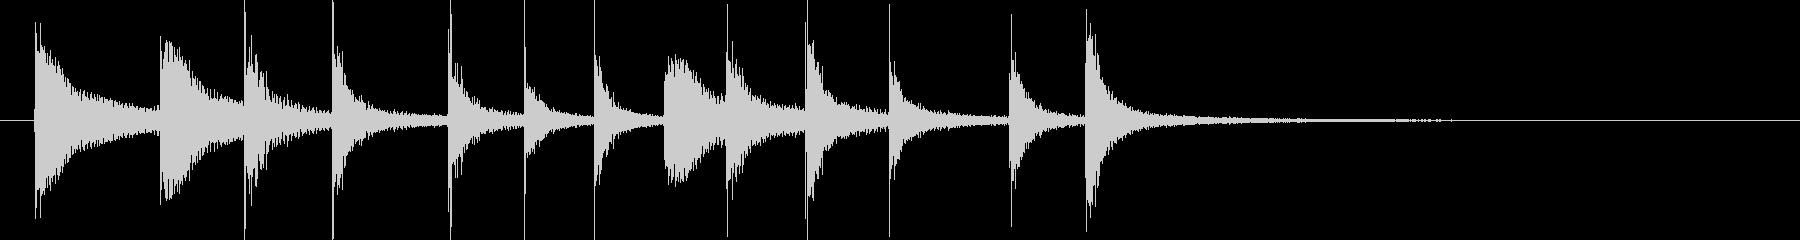 ドラム/ティンバレス フィルイン 25の未再生の波形